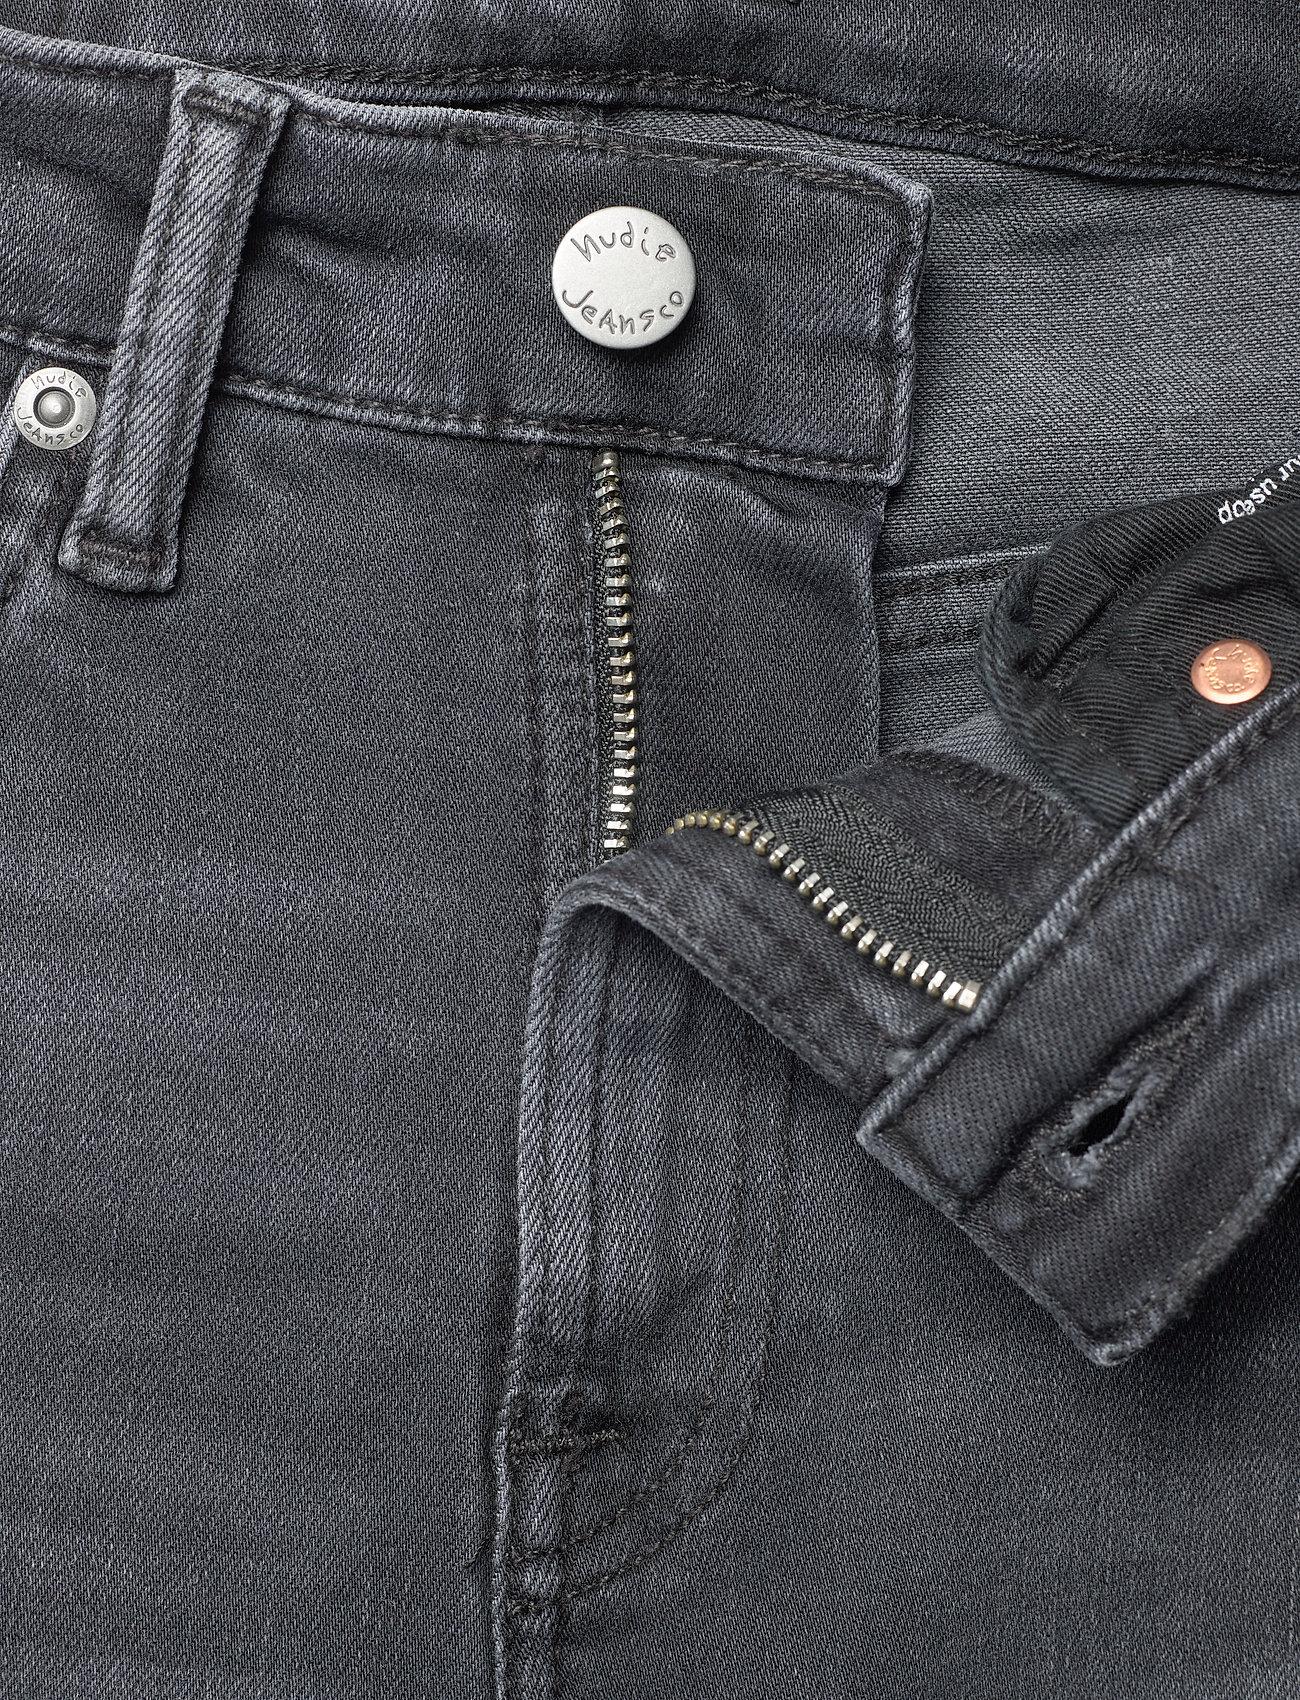 Nudie Jeans - Hightop Tilde - skinny jeans - night spirit - 3